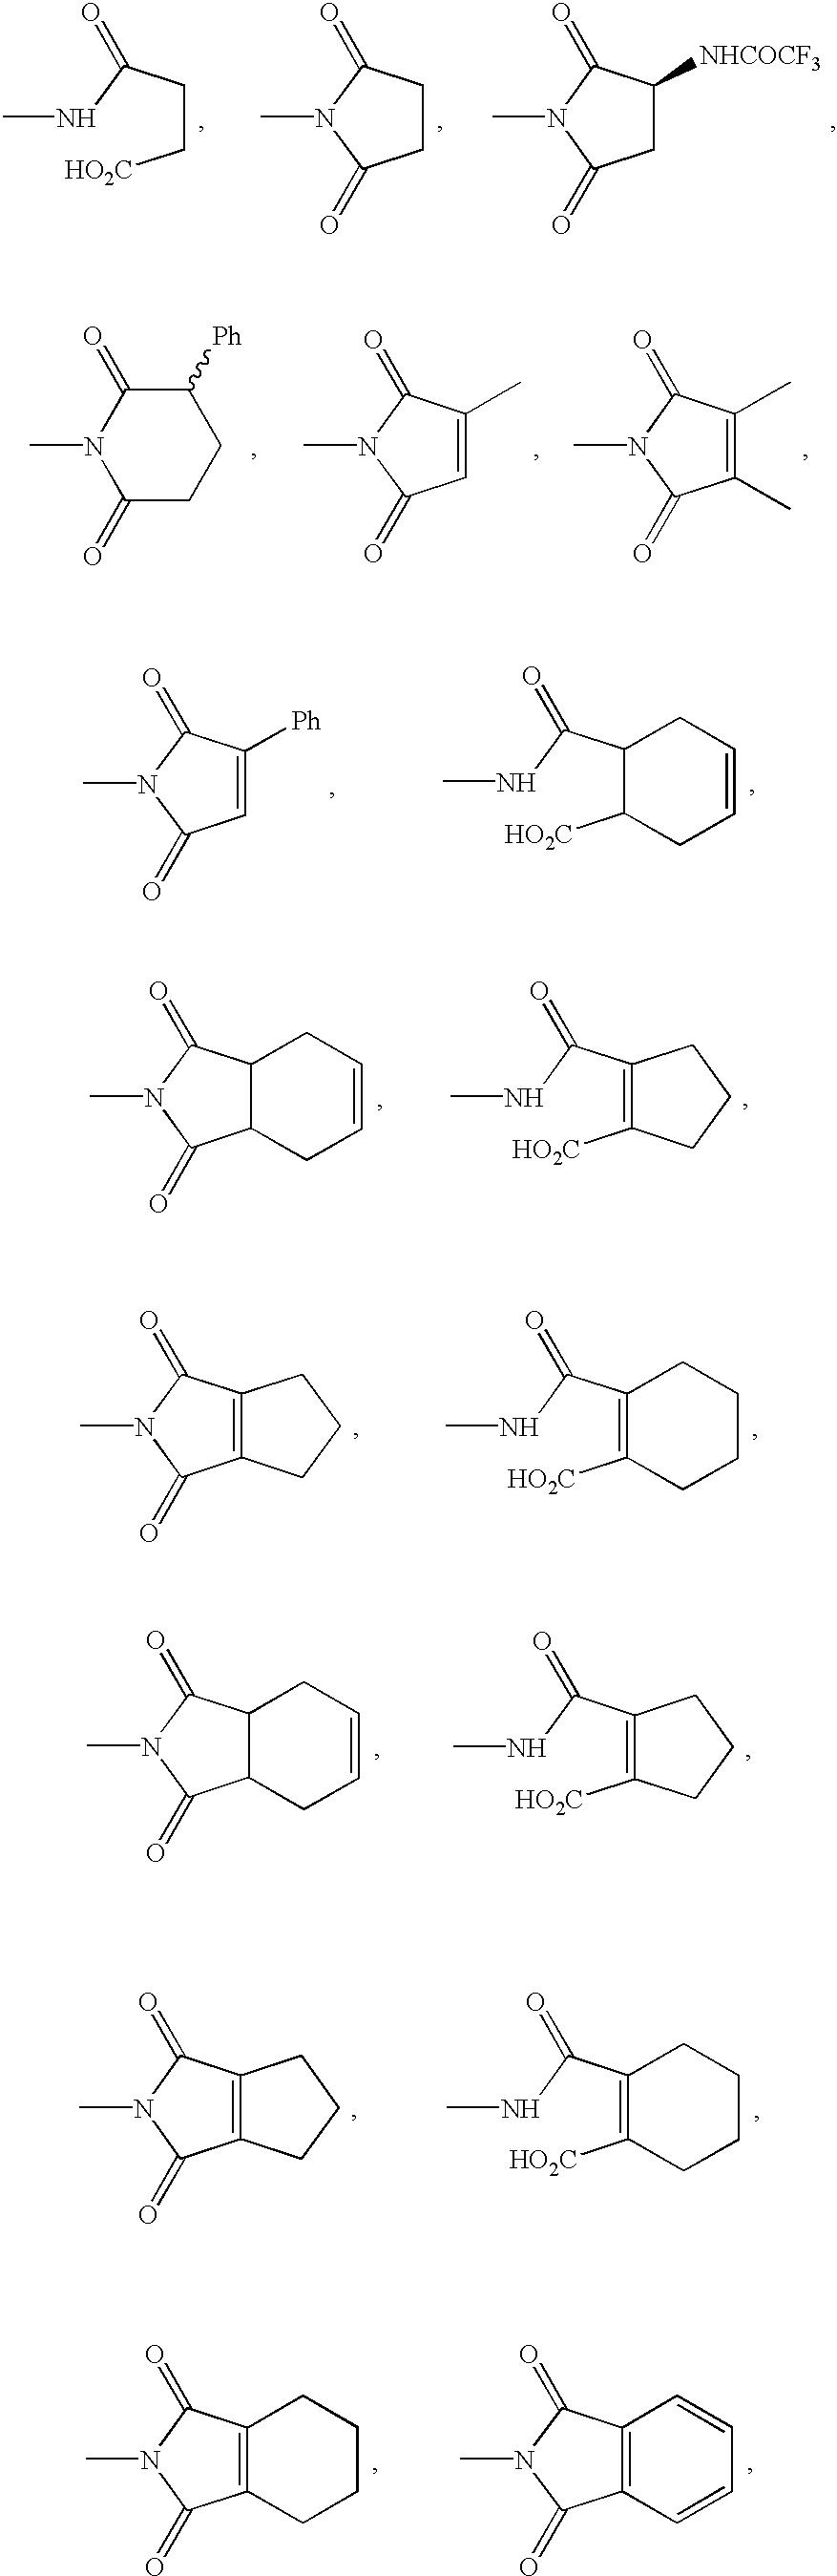 Figure US06545002-20030408-C00043